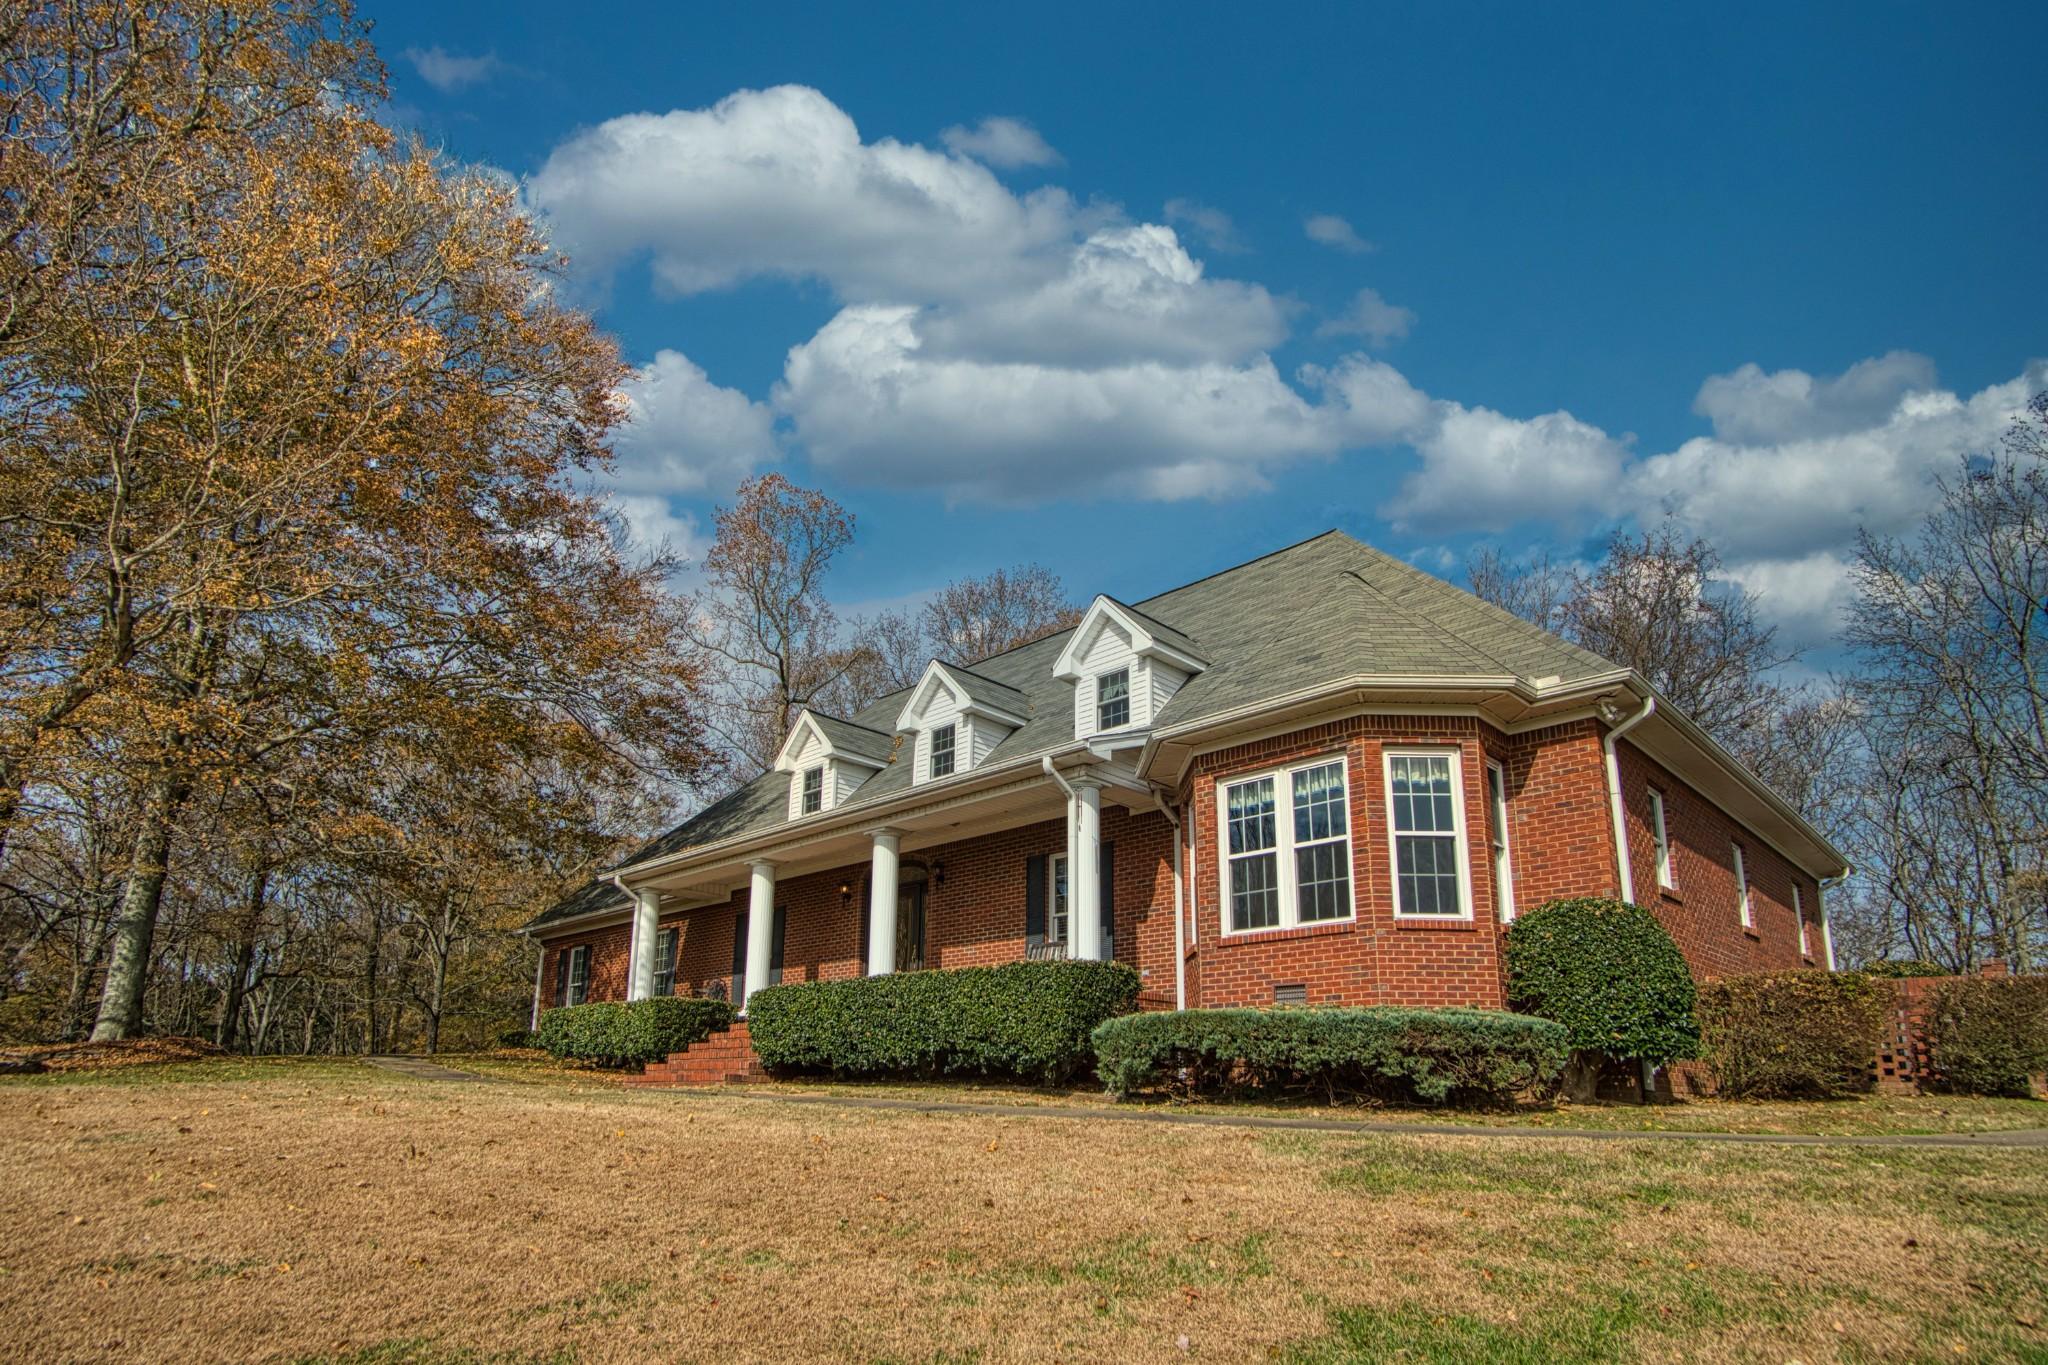 30 Kearns Way, Fayetteville, TN 37334 - Fayetteville, TN real estate listing